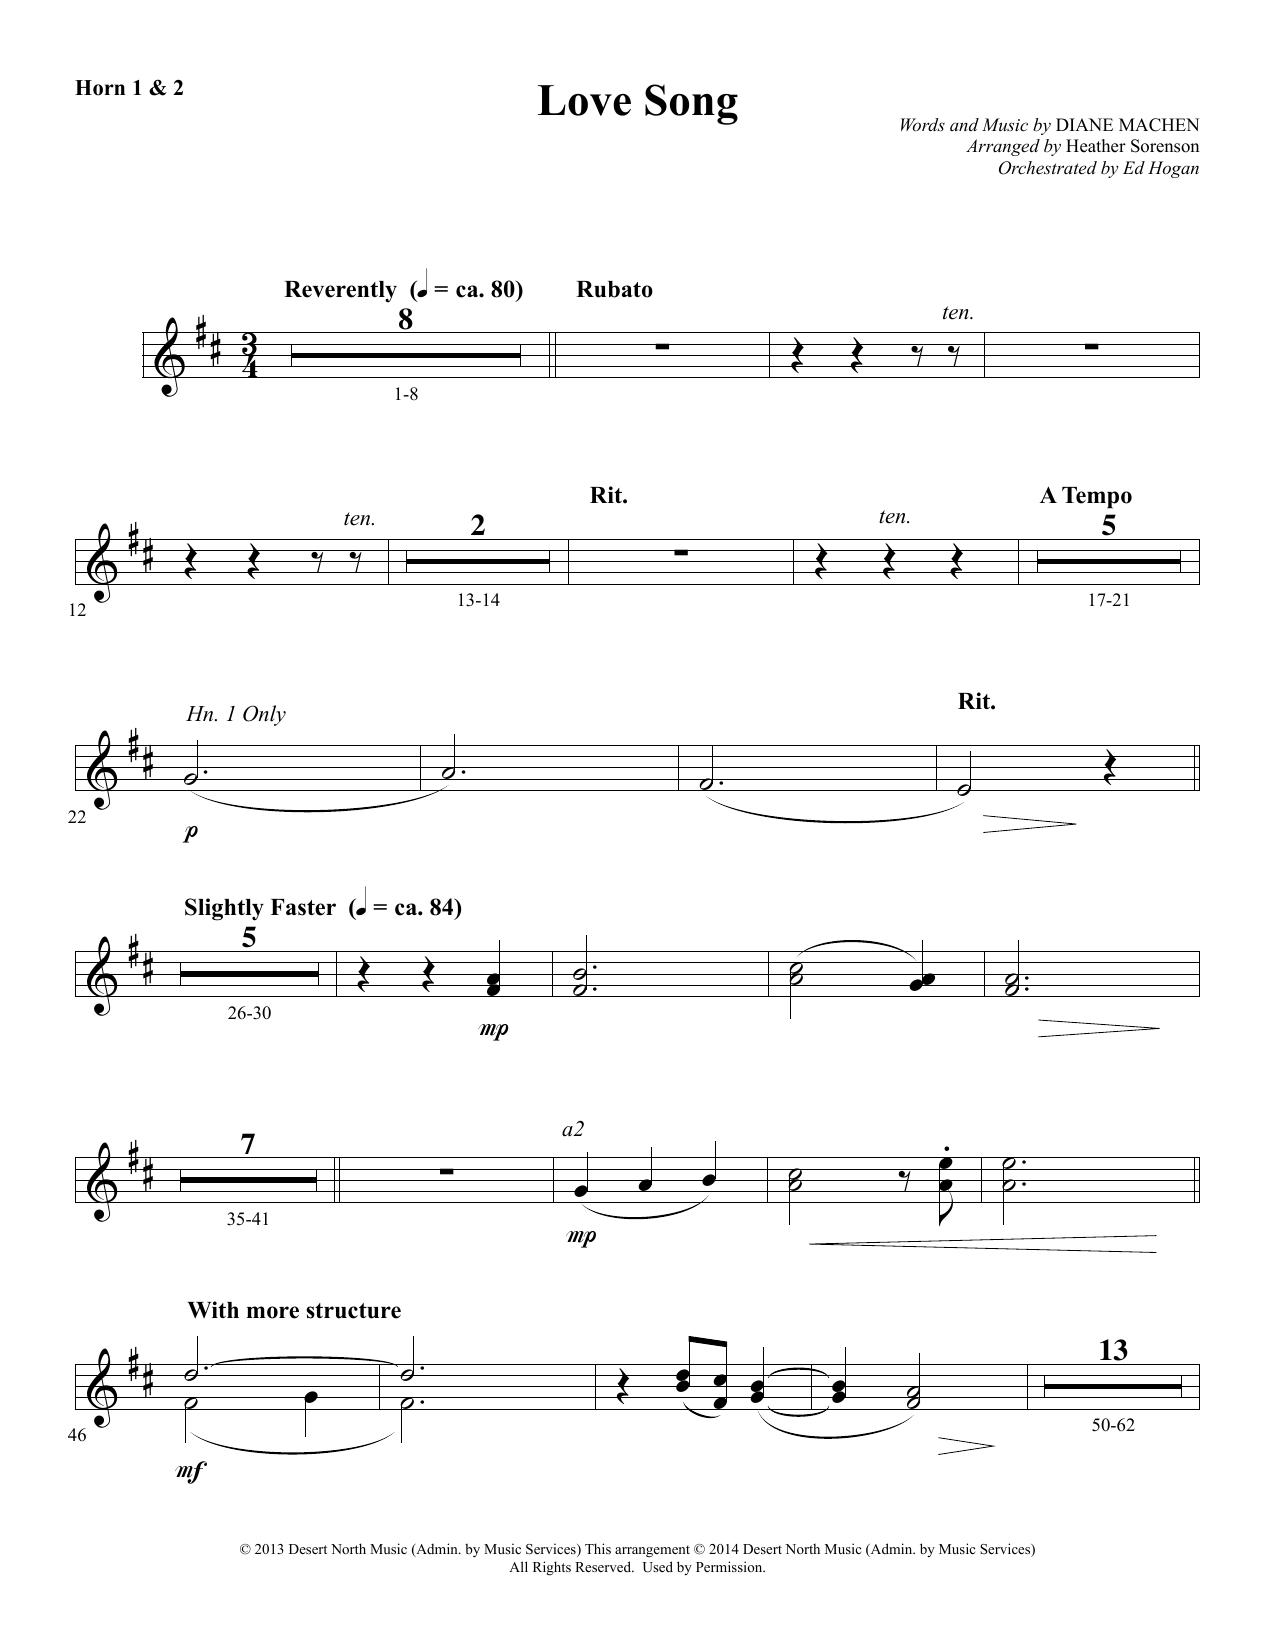 Love Song - F Horn 1 & 2 Sheet Music